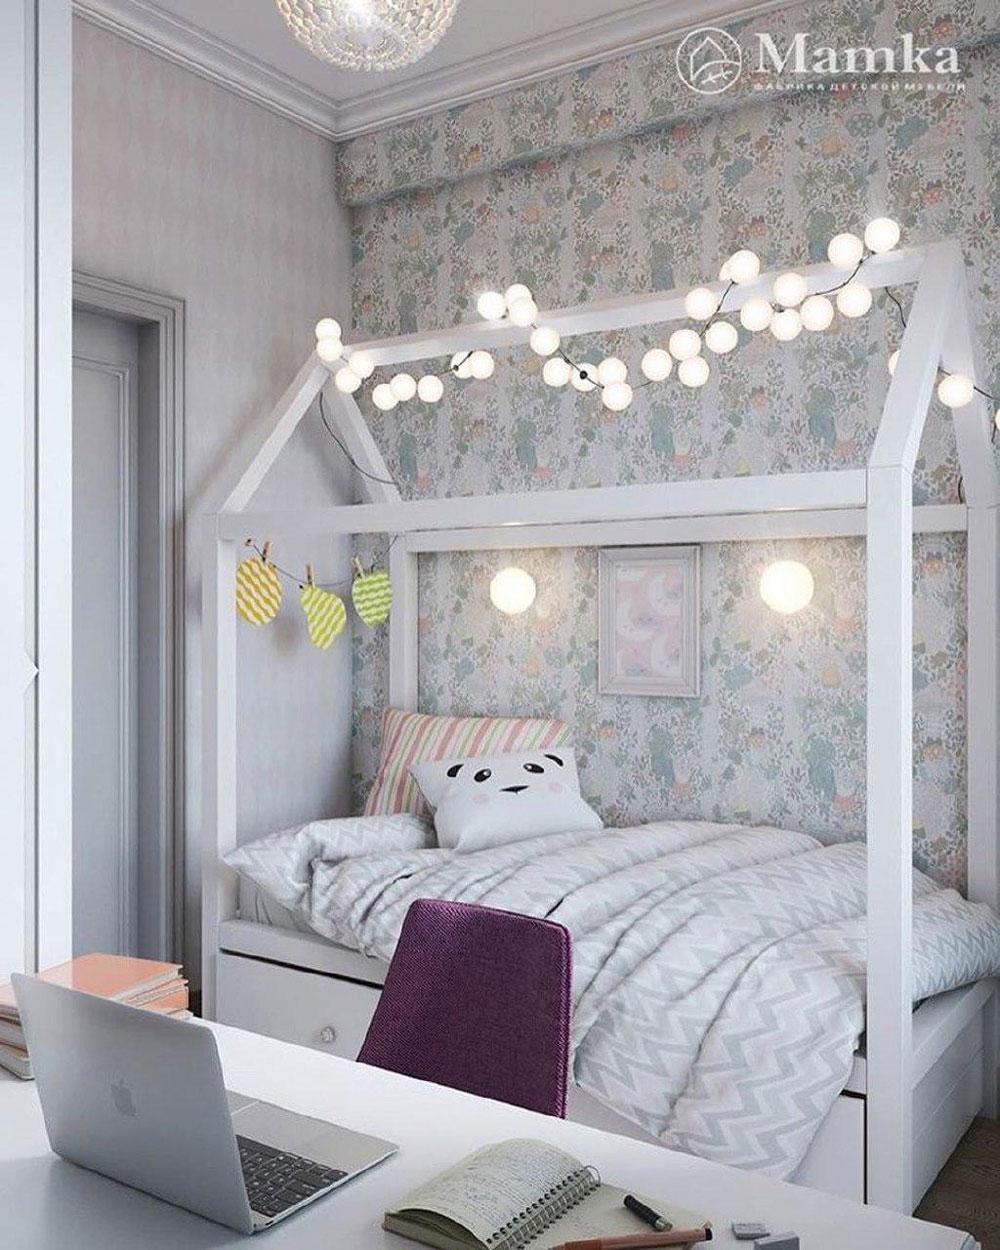 Спальное место для ребенка - выбираем и оформляем правильно - 4-1